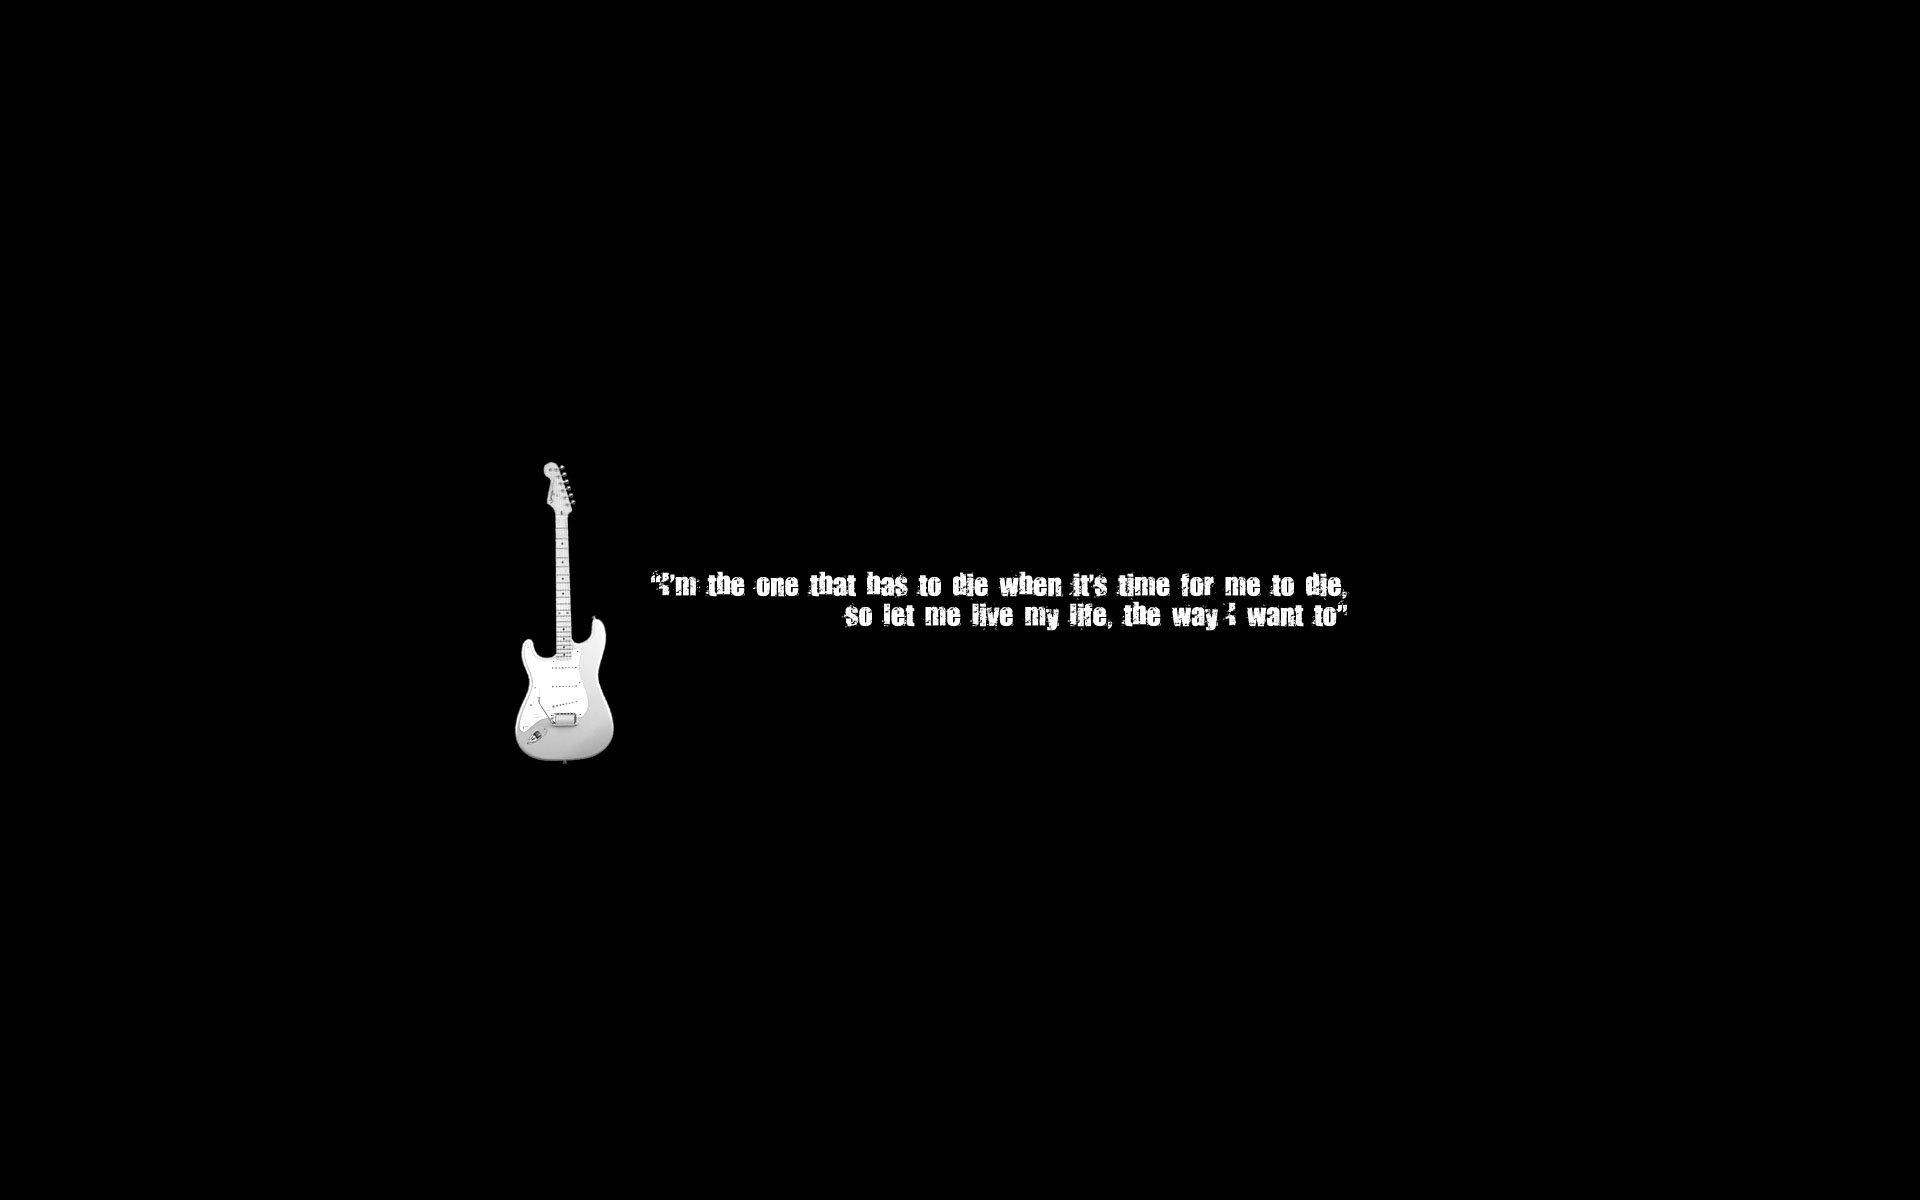 Miles Davis - In Concert 88 - Part II